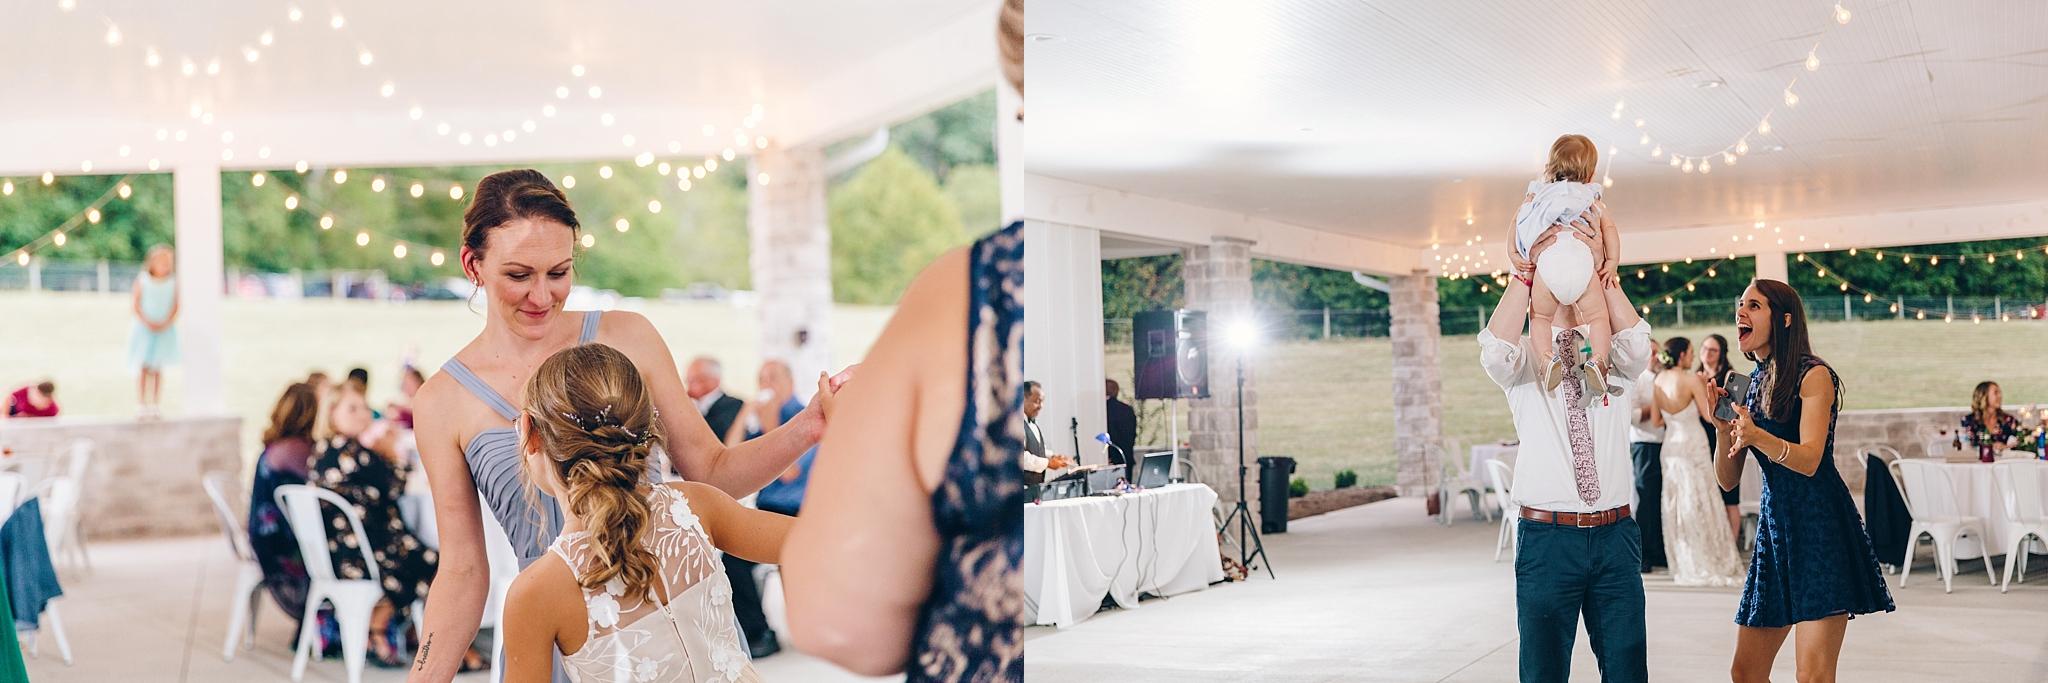 buckeye-farm-virginia-wedding_0671.jpg